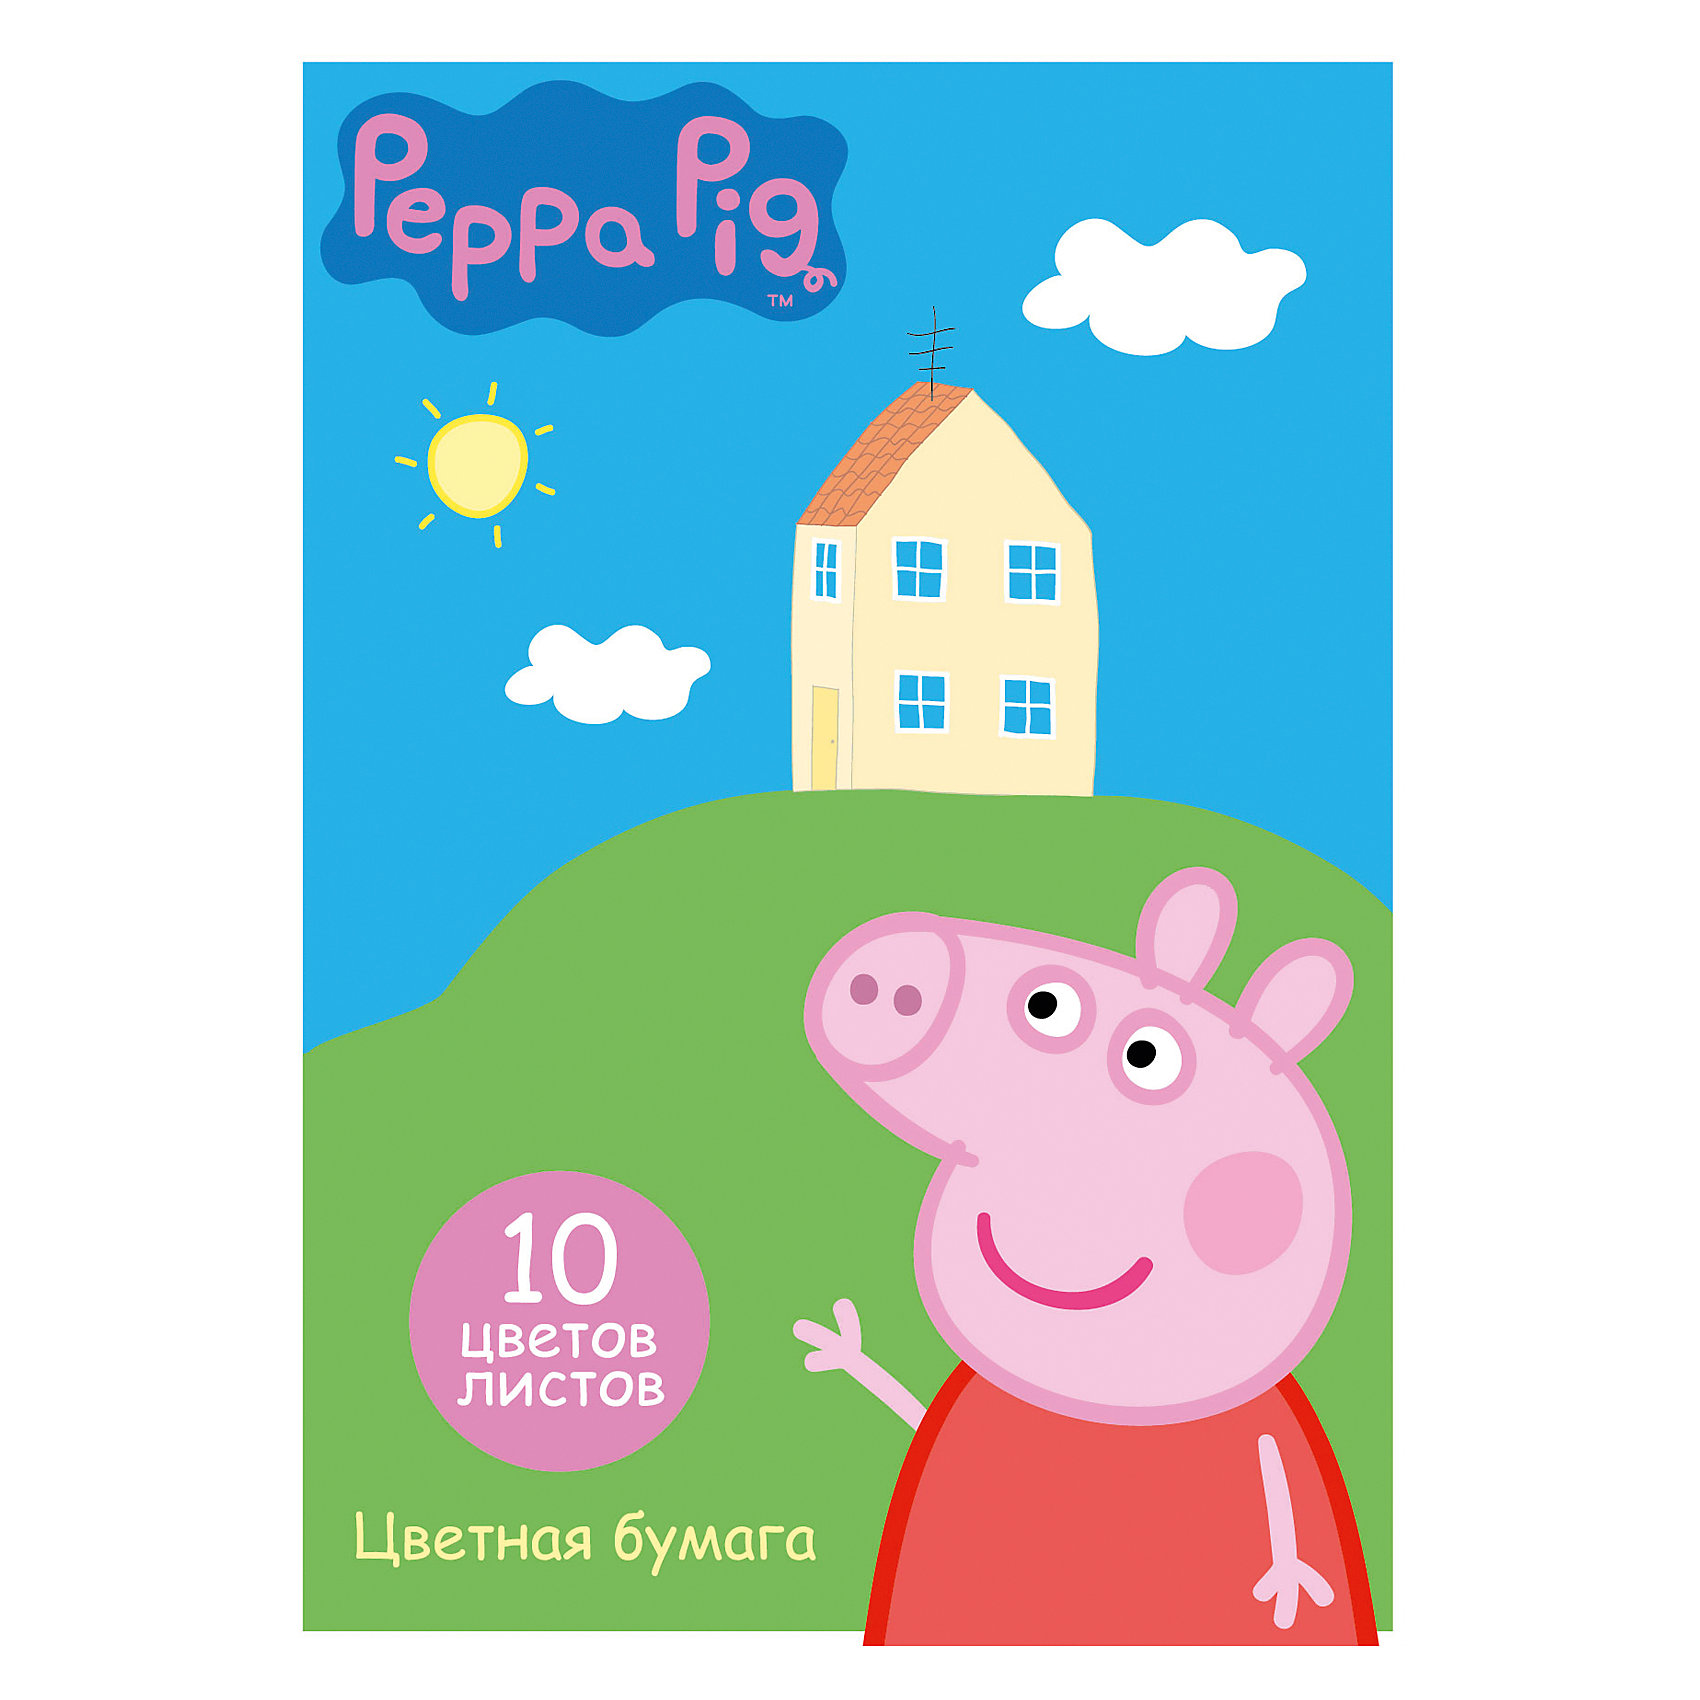 Двусторонняя цветная бумага, 10 л., 10 цв., Свинка ПеппаЦветная двусторонняя бумага, Свинка Пеппа - это отличный материал для детского творчества, поделок и аппликаций. В комплект входят 10 цветов (10 листов) мелованной бумаги с двусторонней печатью: желтый, оранжевый, красный, синий, зеленый, фиолетовый, коричневый,<br>черный, золотой, серебристый. Листы упакованы в картонную папку с двумя клапанами, украшенную изображением любимой героини из популярного мультсериала Свинка Пеппа. <br><br><br>Дополнительная информация:<br><br>- В комплекте: 10 листов цветной бумаги (10 цветов).<br>- Материал: бумага, мелованный картон.<br>- Формат: А4.<br>- Размер упаковки: 29,5 х 0,2 х 20,6 см.<br>- Вес: 81 гр.<br><br>Двустороннюю цветную бумагу, 10 л., 10 цв., Свинка Пеппа, можно купить в нашем интернет-магазине.<br><br>Ширина мм: 295<br>Глубина мм: 206<br>Высота мм: 2<br>Вес г: 81<br>Возраст от месяцев: 36<br>Возраст до месяцев: 120<br>Пол: Унисекс<br>Возраст: Детский<br>SKU: 4774846